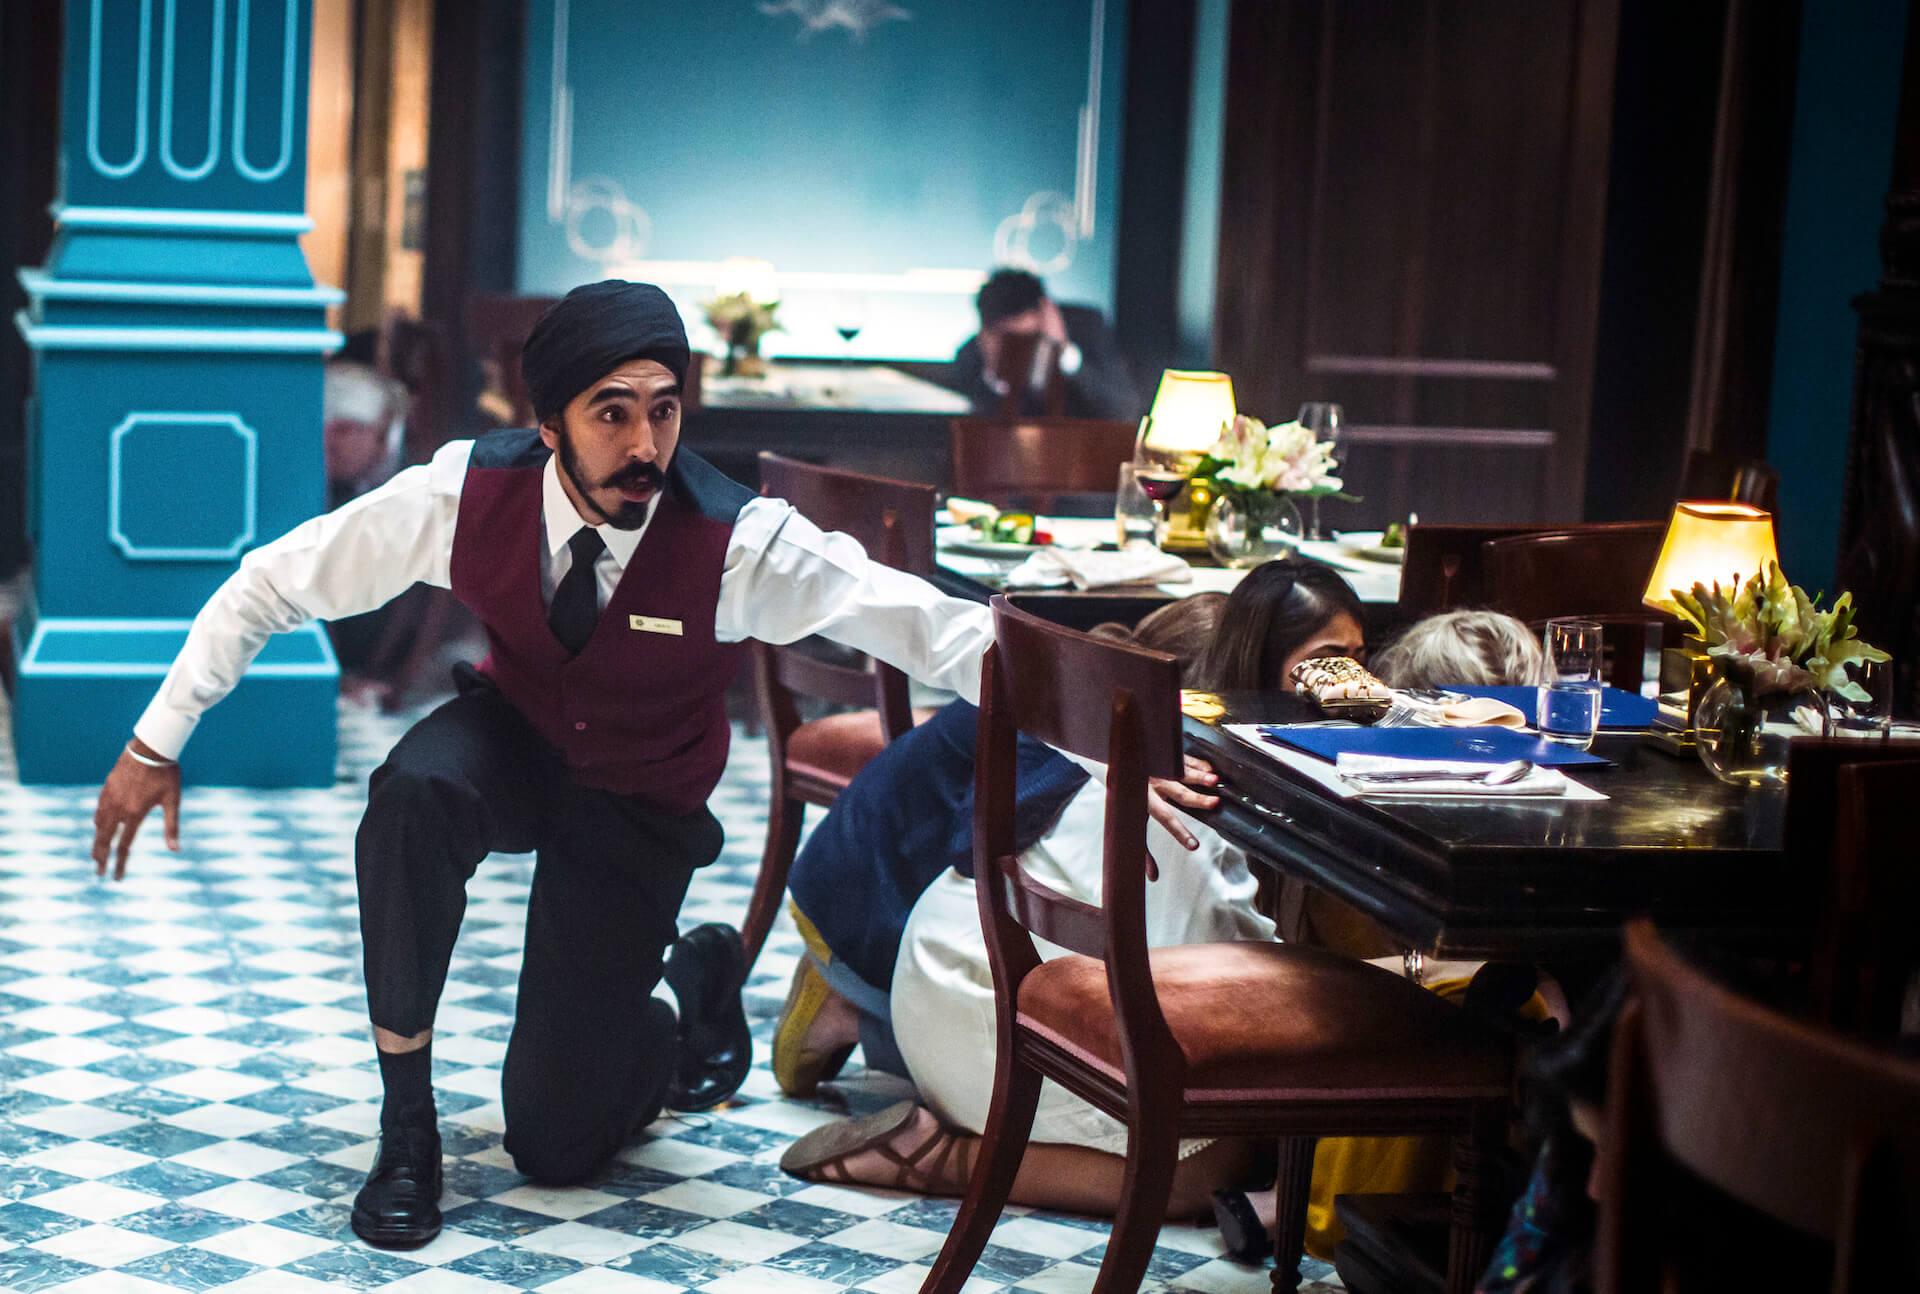 『グリーンブック』『Lupin/ルパン』『ファザーフッド』など話題作目白押し!Netflix6月のラインナップが一挙解禁 art210521_netflix_june_6